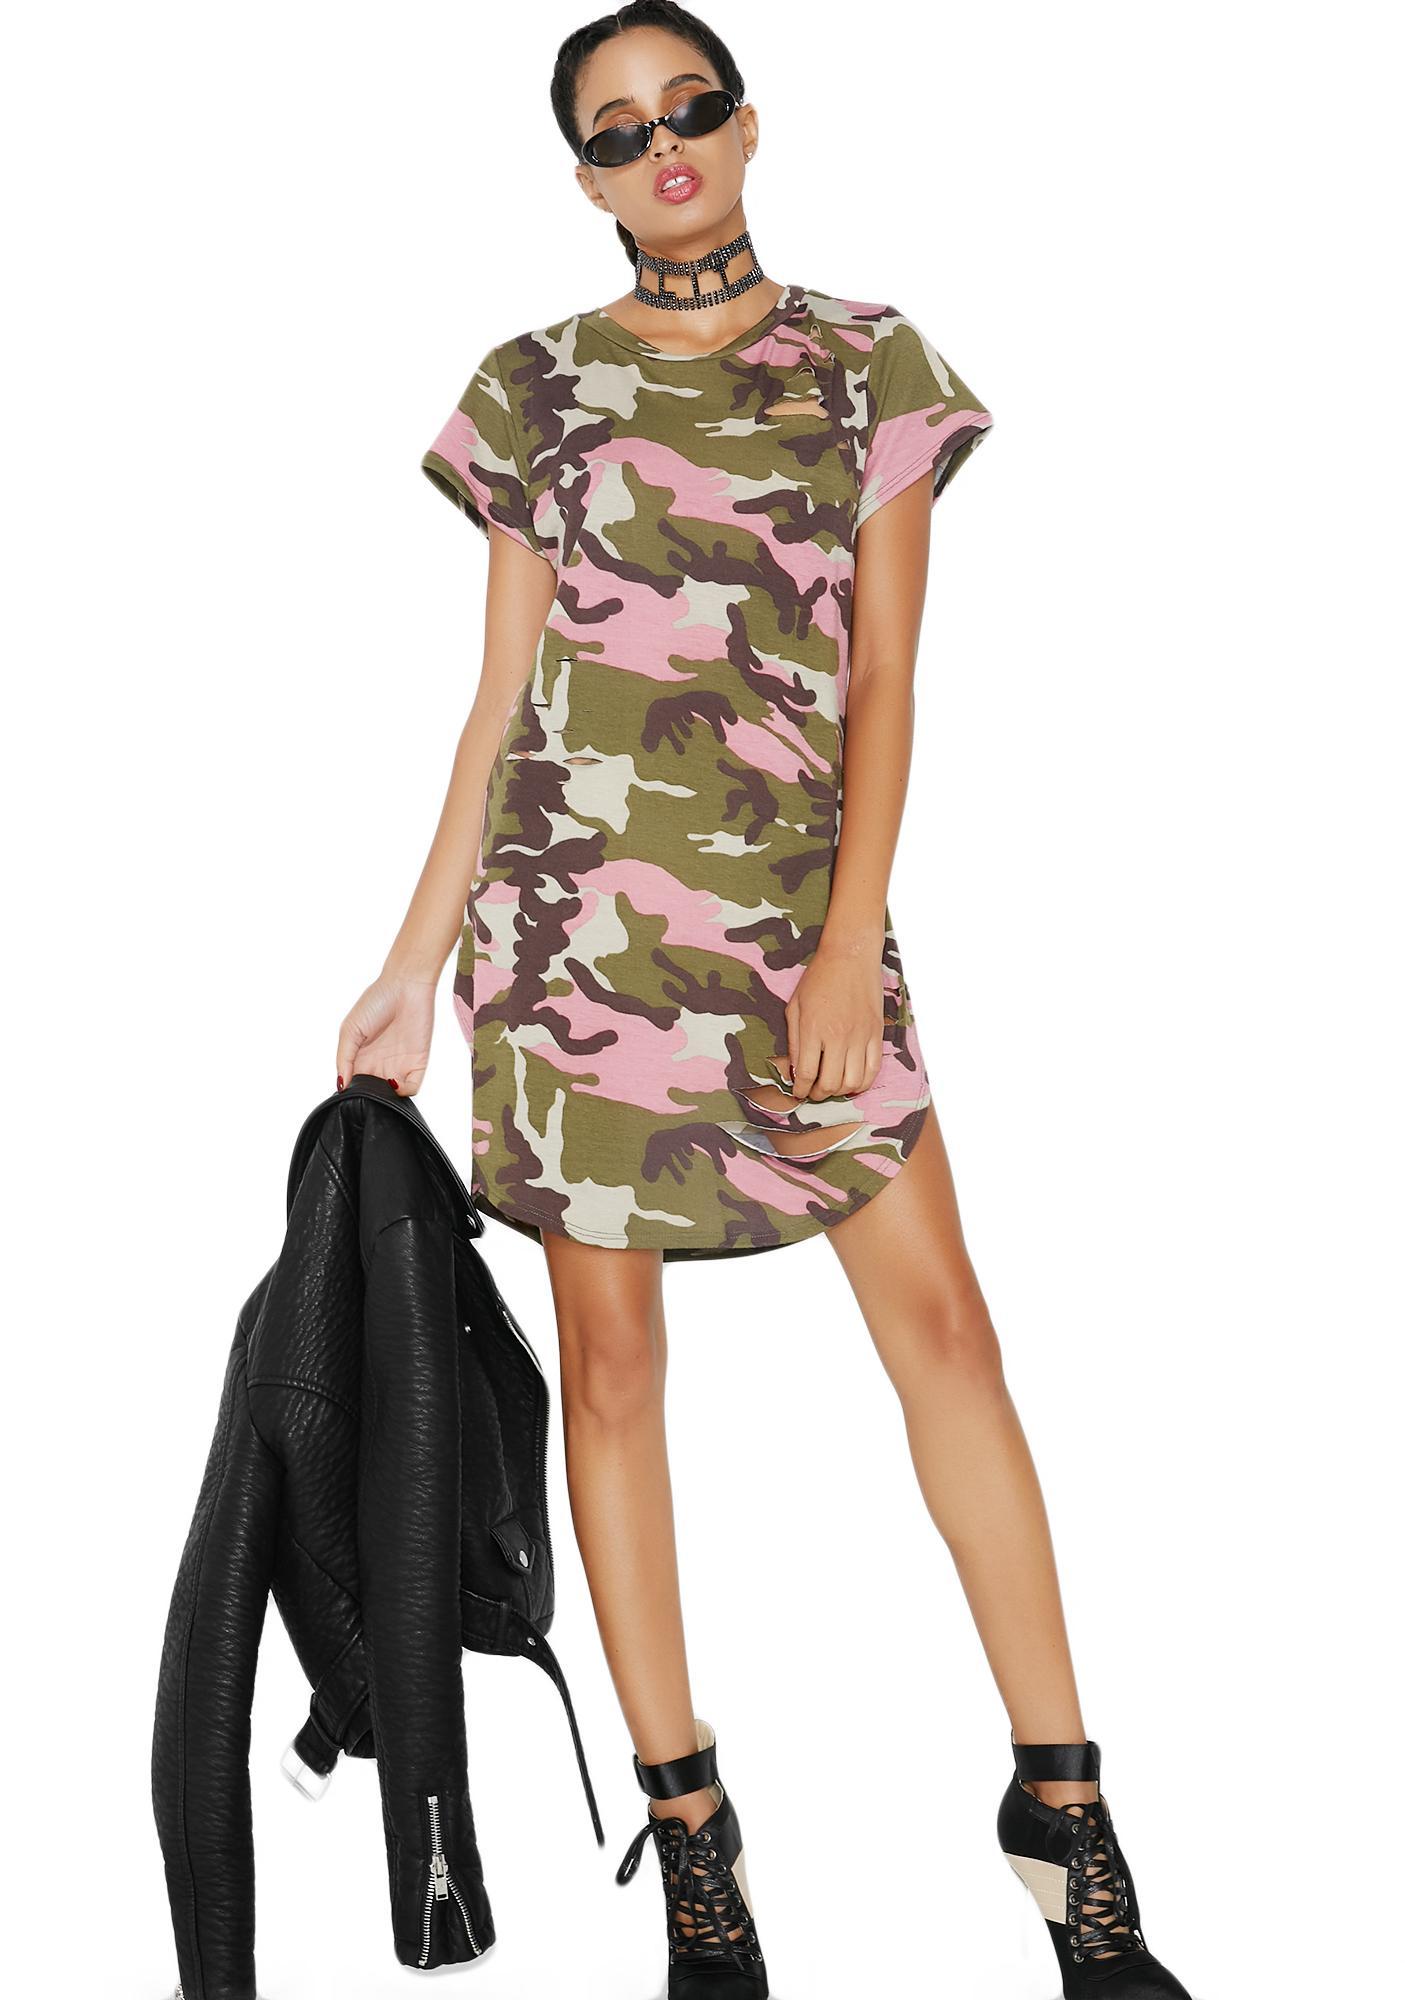 Ceasefire Camo Dress